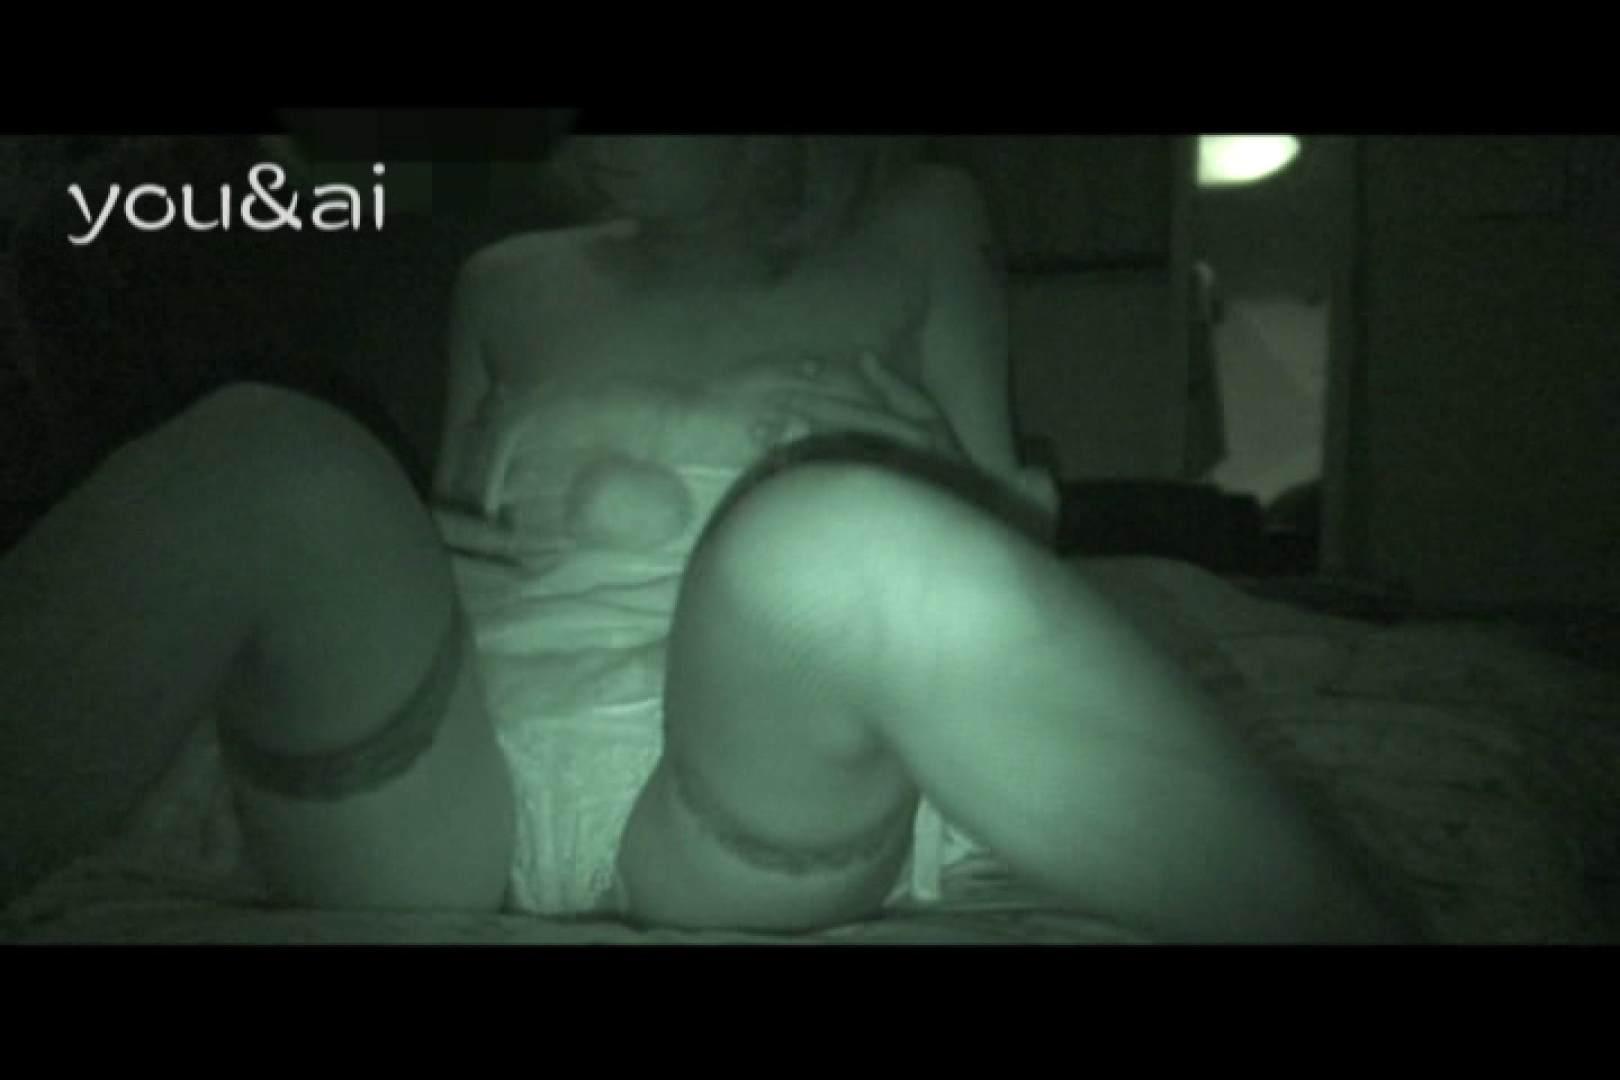 おしどり夫婦のyou&aiさん投稿作品vol.5 リアルSEX セックス無修正動画無料 68PIX 31